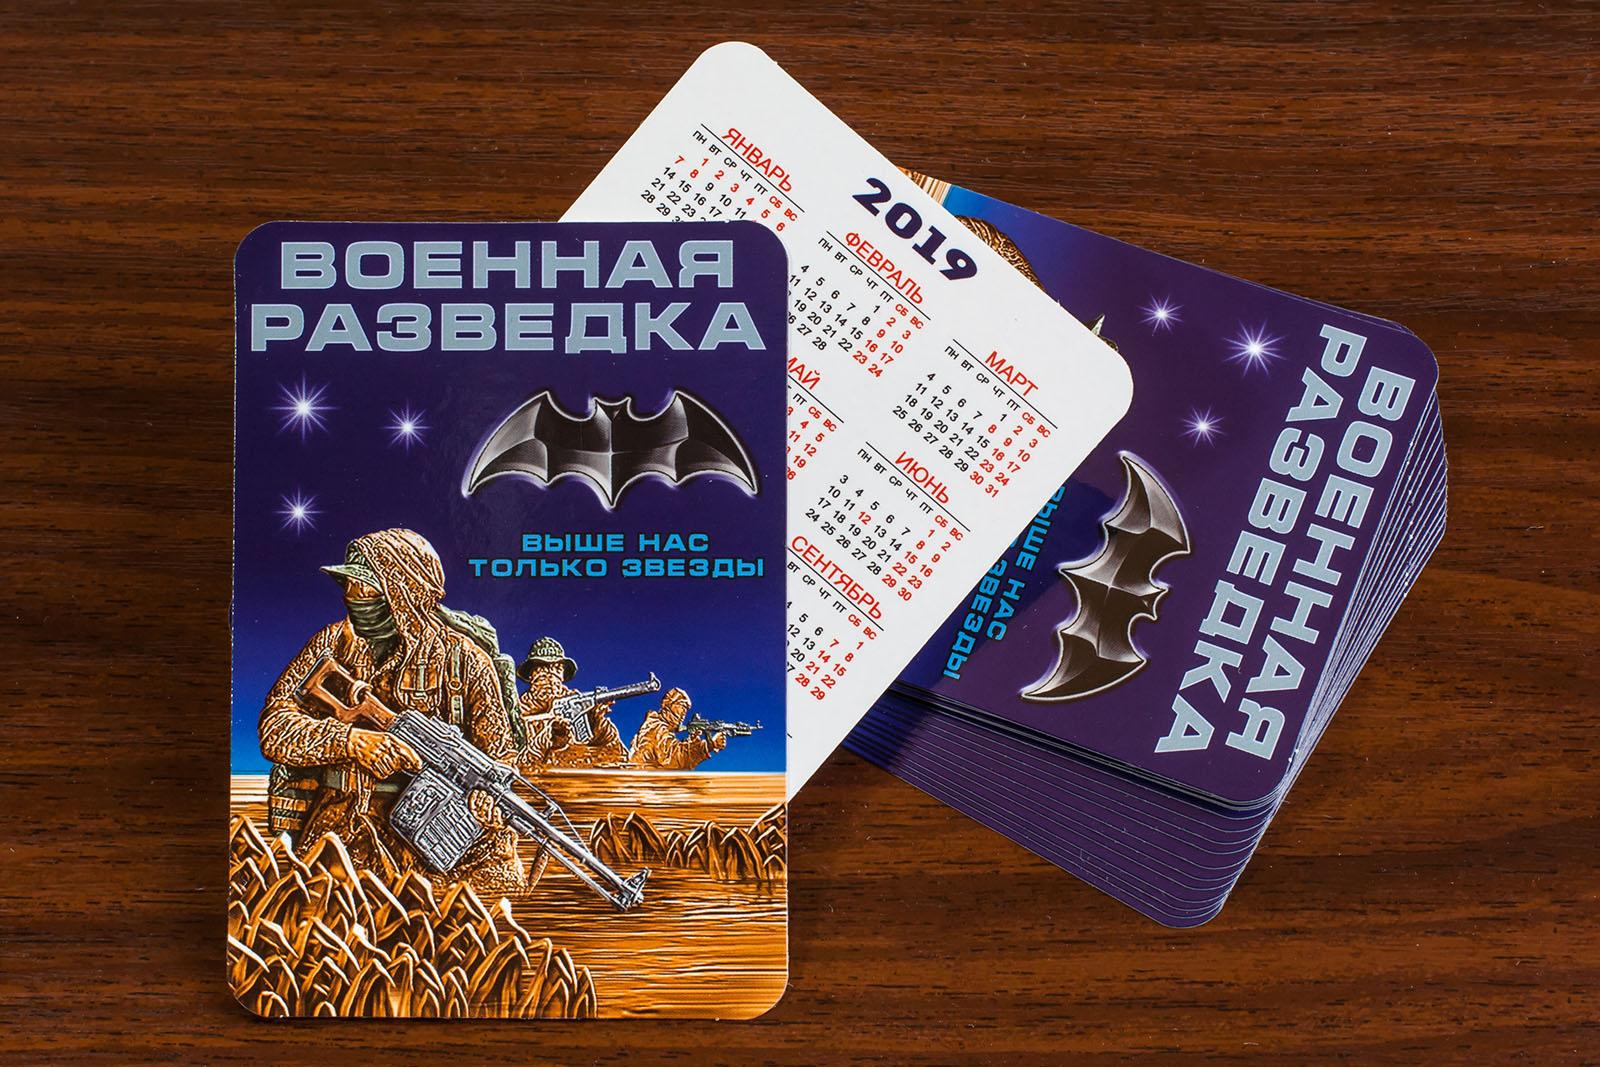 """Карманный календарик на 2019 год """"Военная разведка"""" по выгодной цене"""